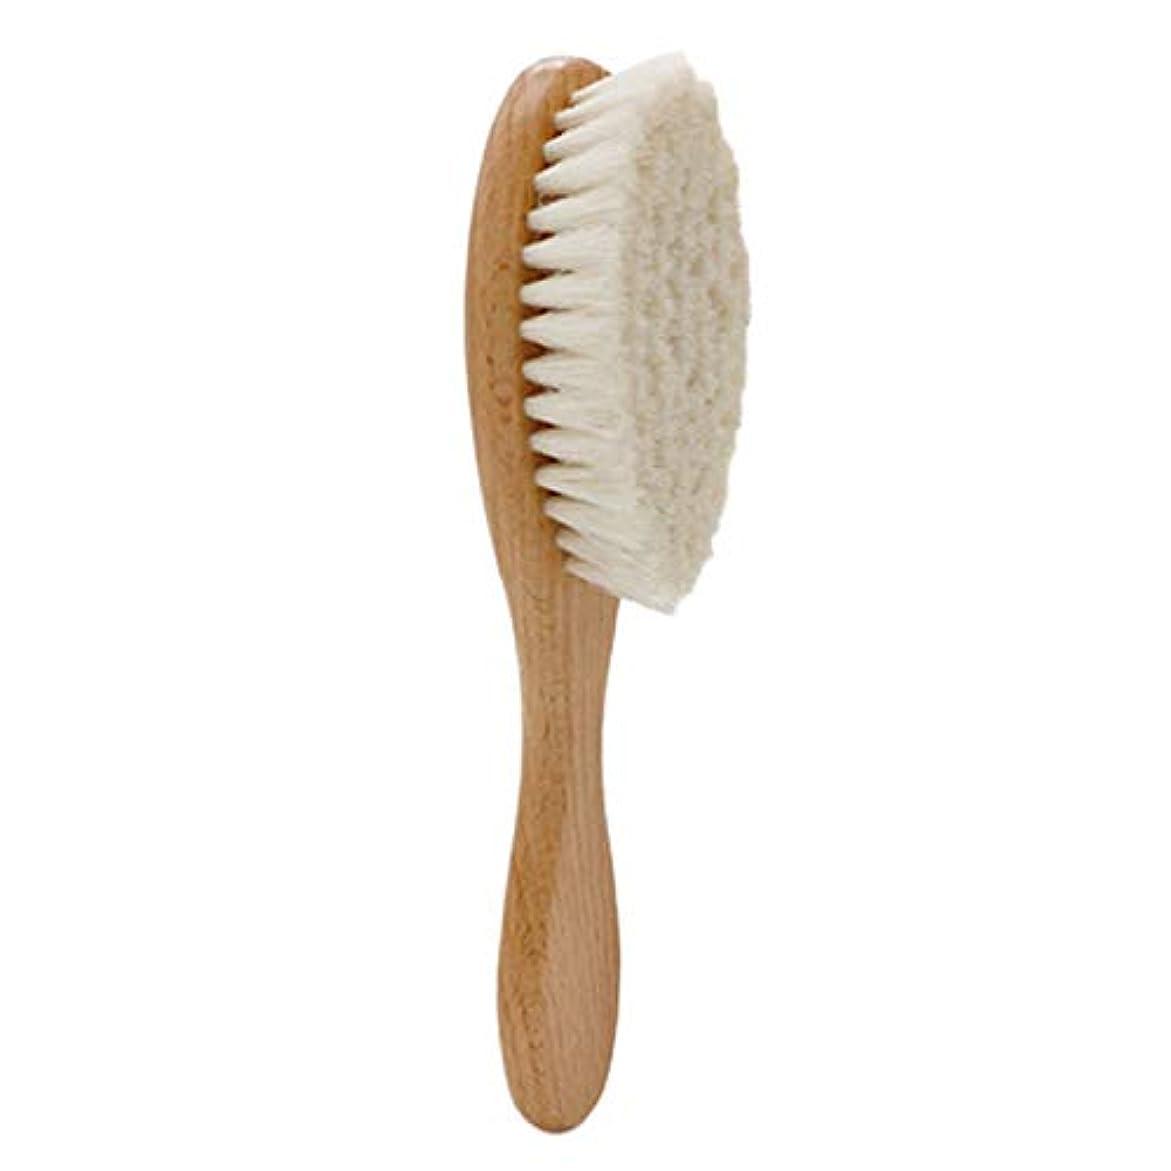 申し立てる充電ダーツTOOGOO 木製ハンドル理髪ソフトファイバーブラシ床屋首ダスタークリーニング削除ブラシヘアスタイリングツール